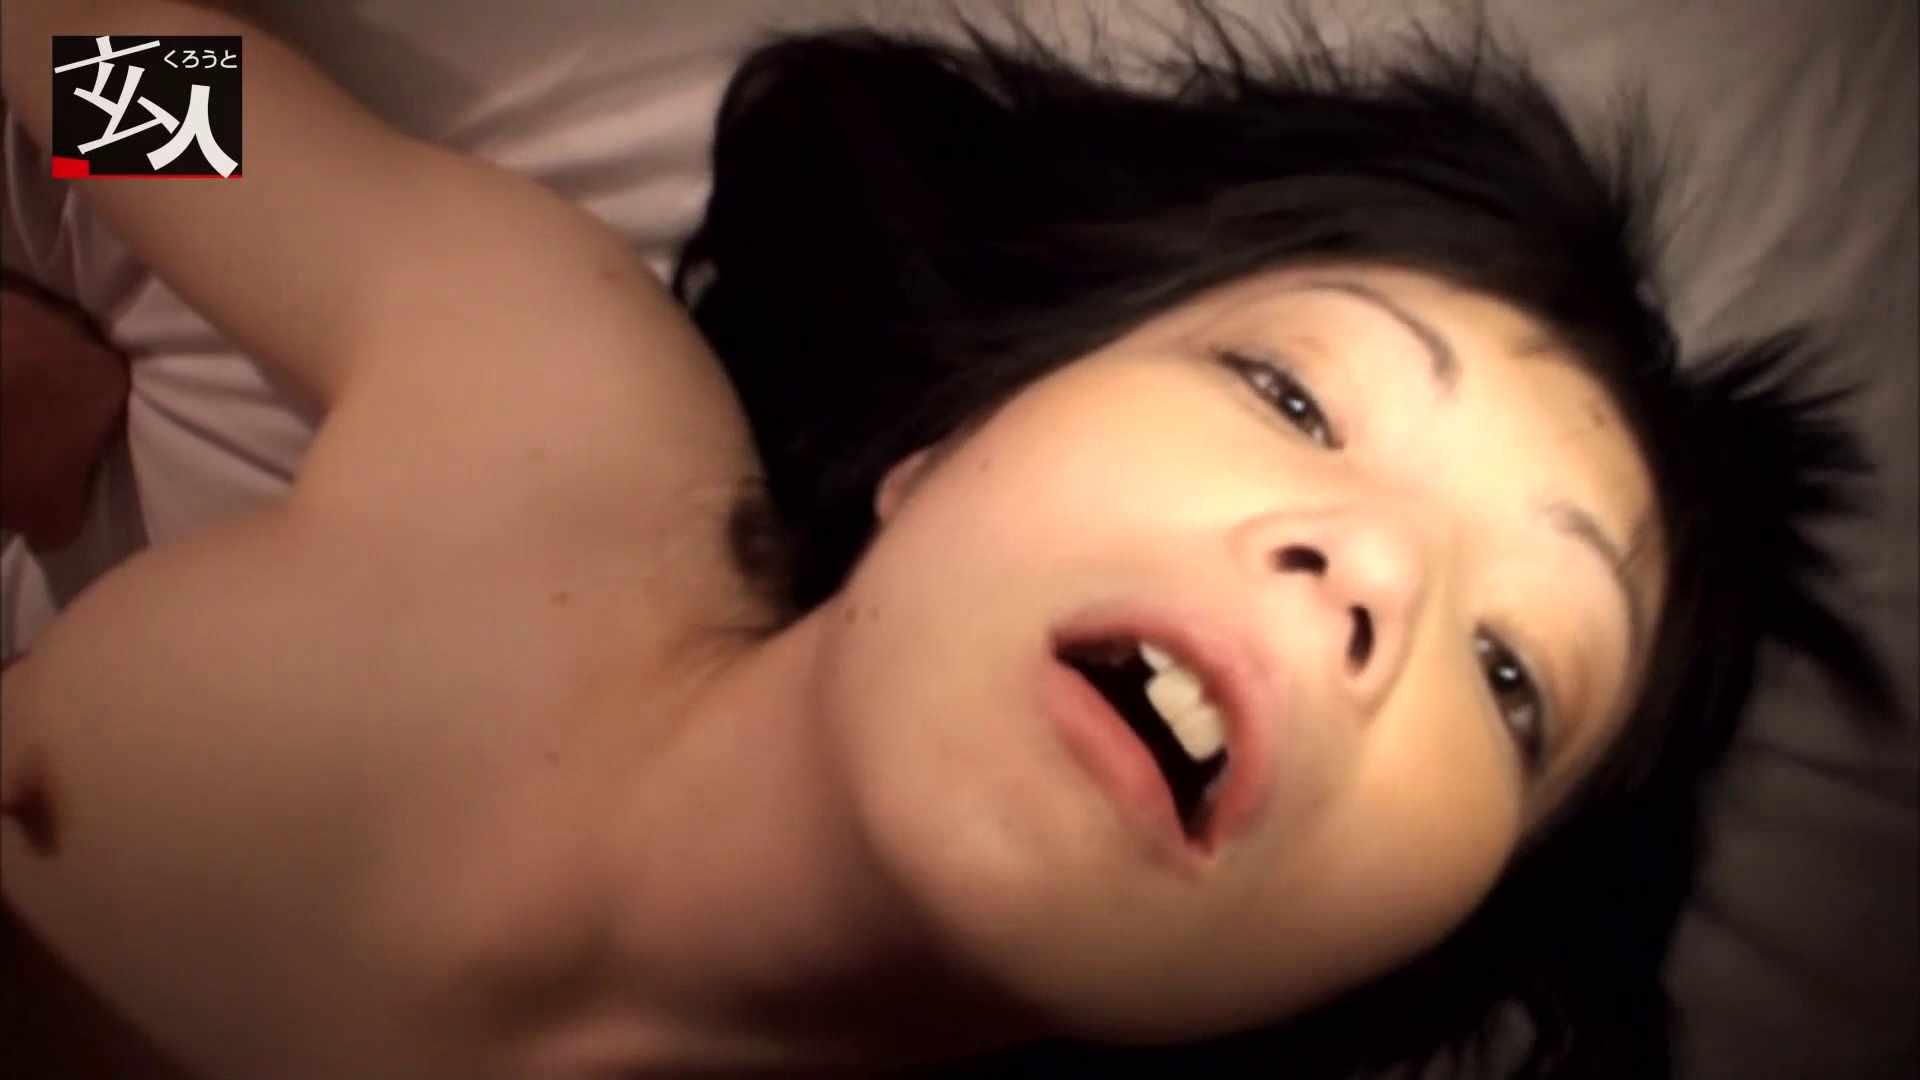 「邪淫無限ループ」変質者拉致~失われた自分~ つるのゆう 高画質 性交動画流出 113画像 108